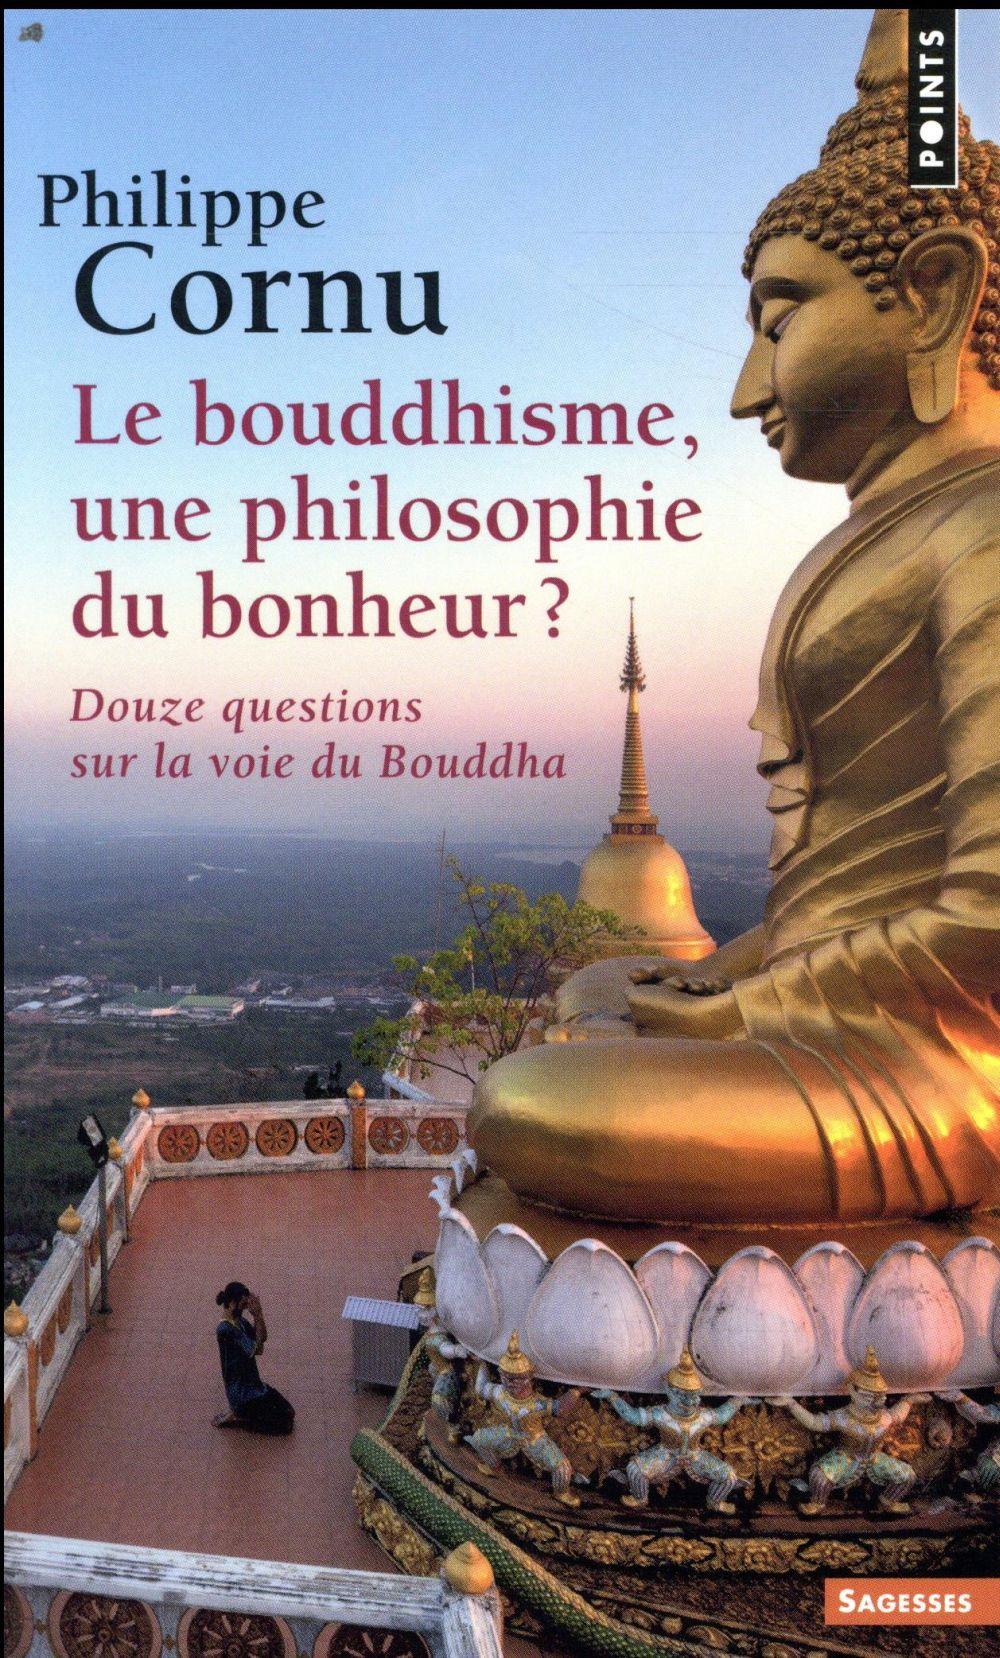 Le bouddhisme, une philosophie du bonheur ? douze questions sur la voie du Bouddha